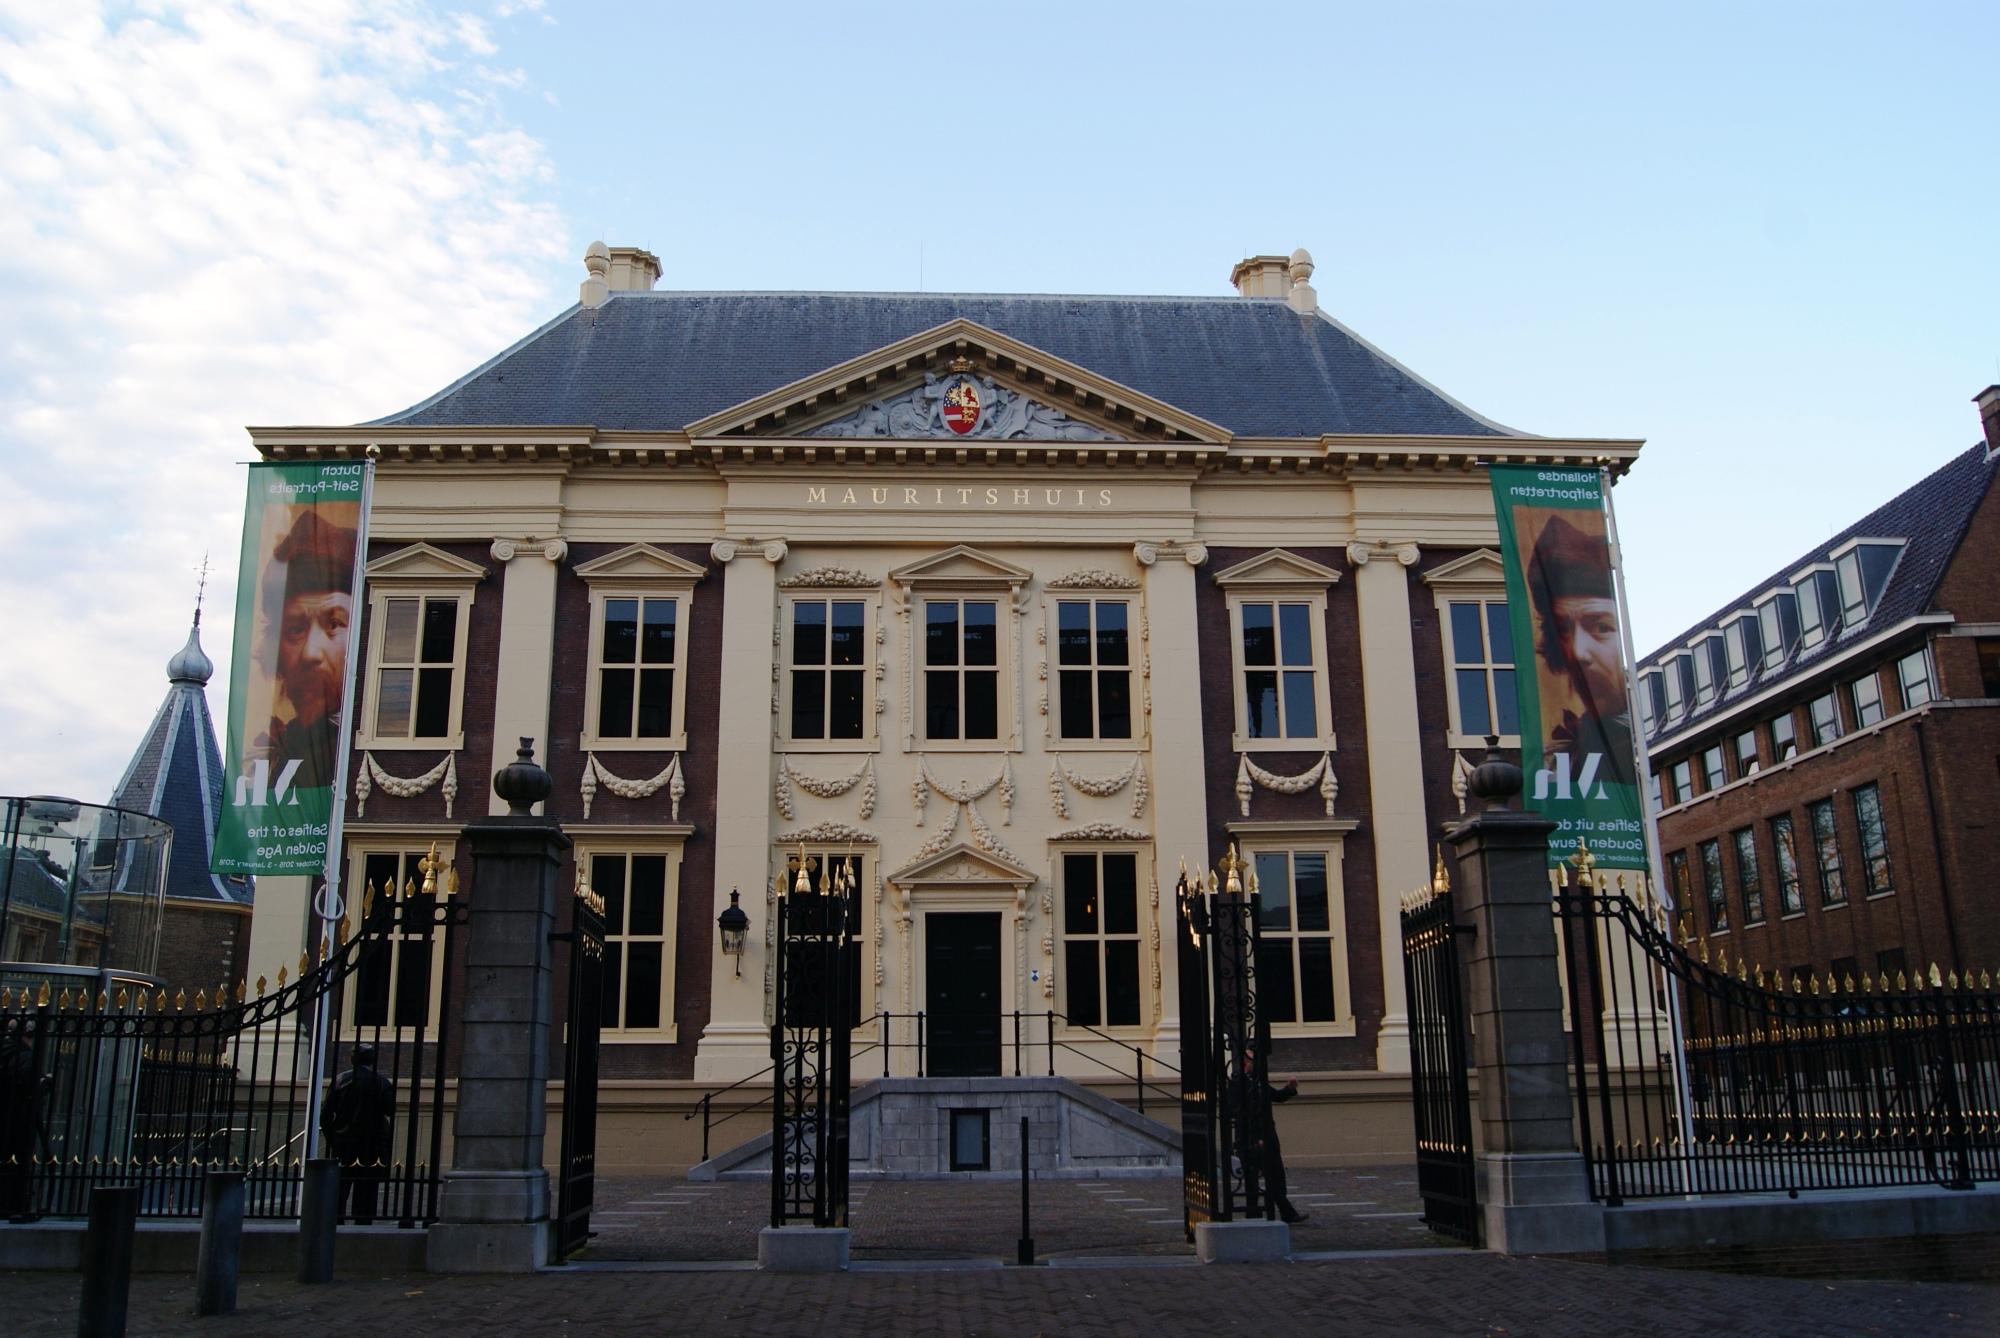 The Hague-Mauritshuis